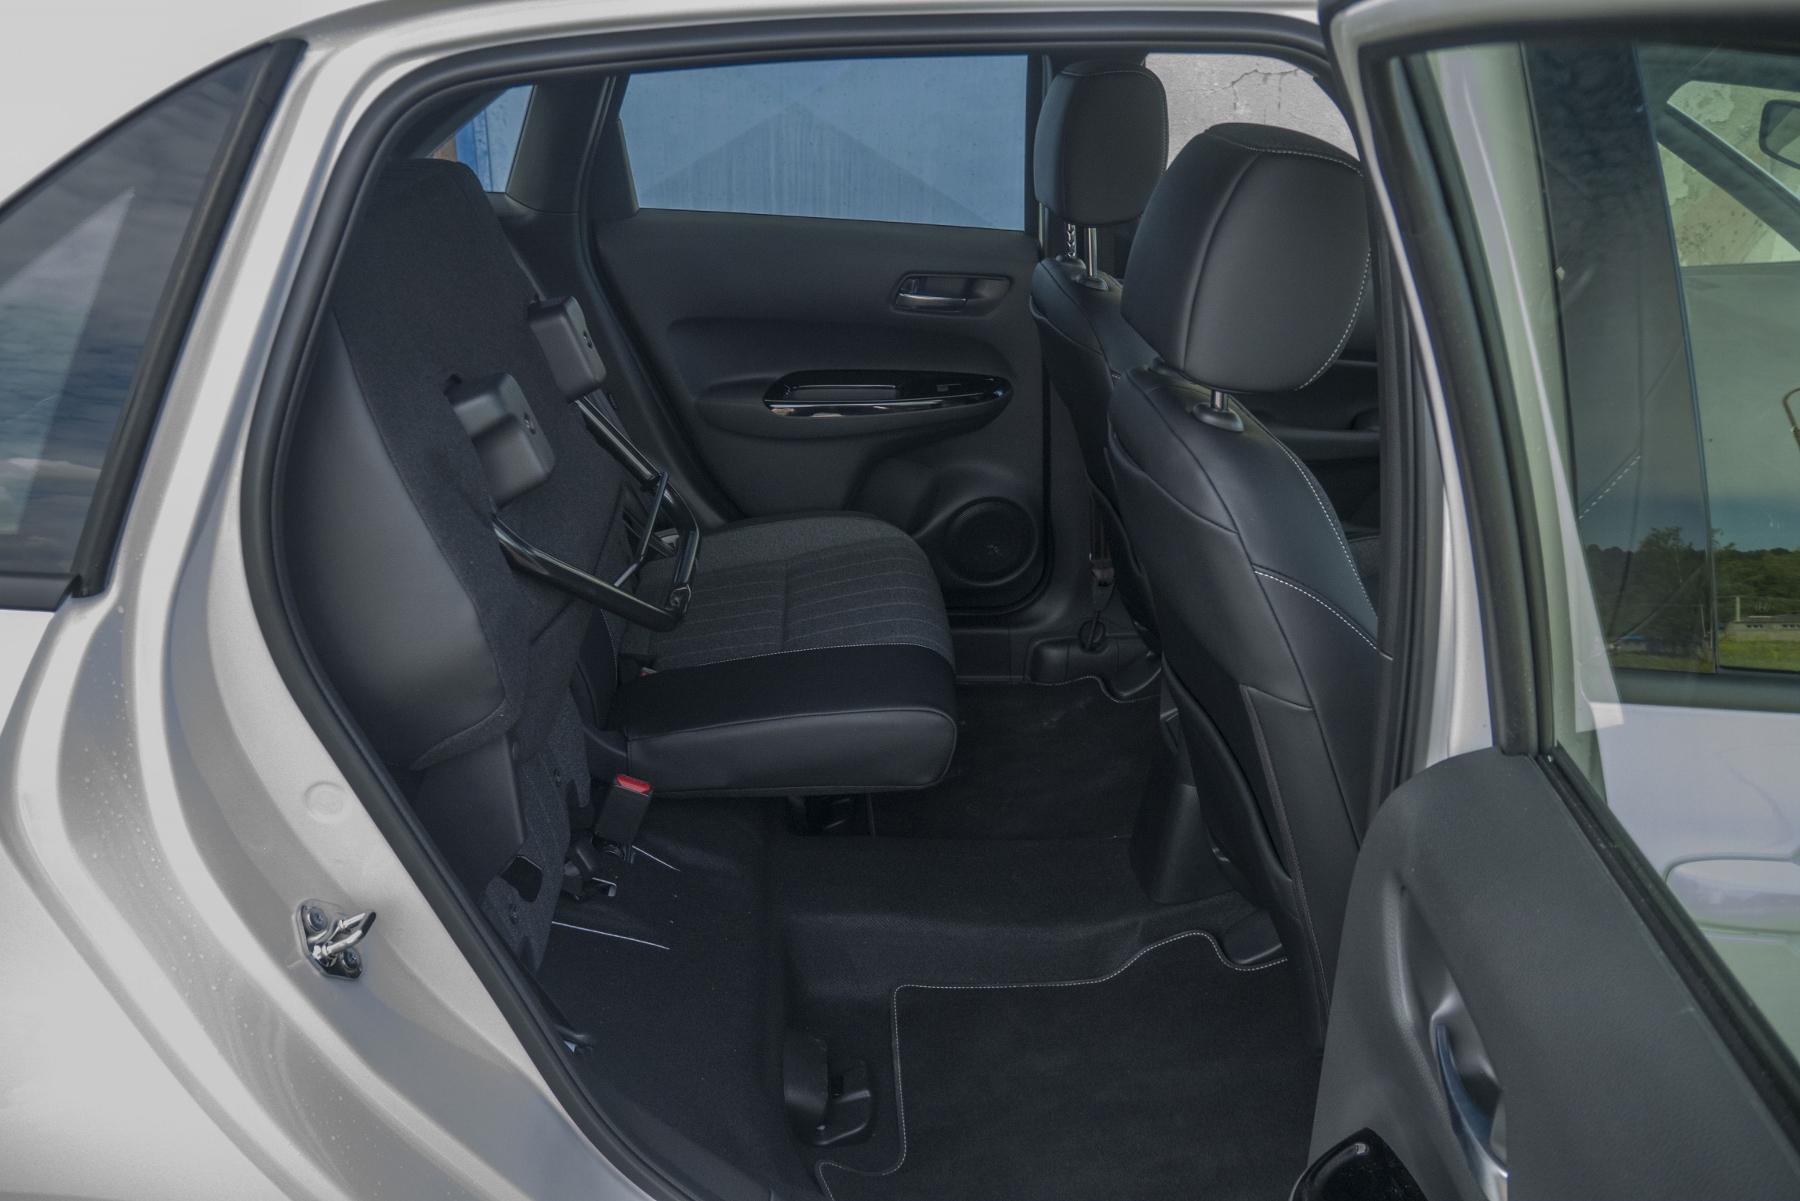 Test: Honda Jazz je kráľ spotreby a využiteľnosti priestoru 3bliuFtl5T honda-jazz-23